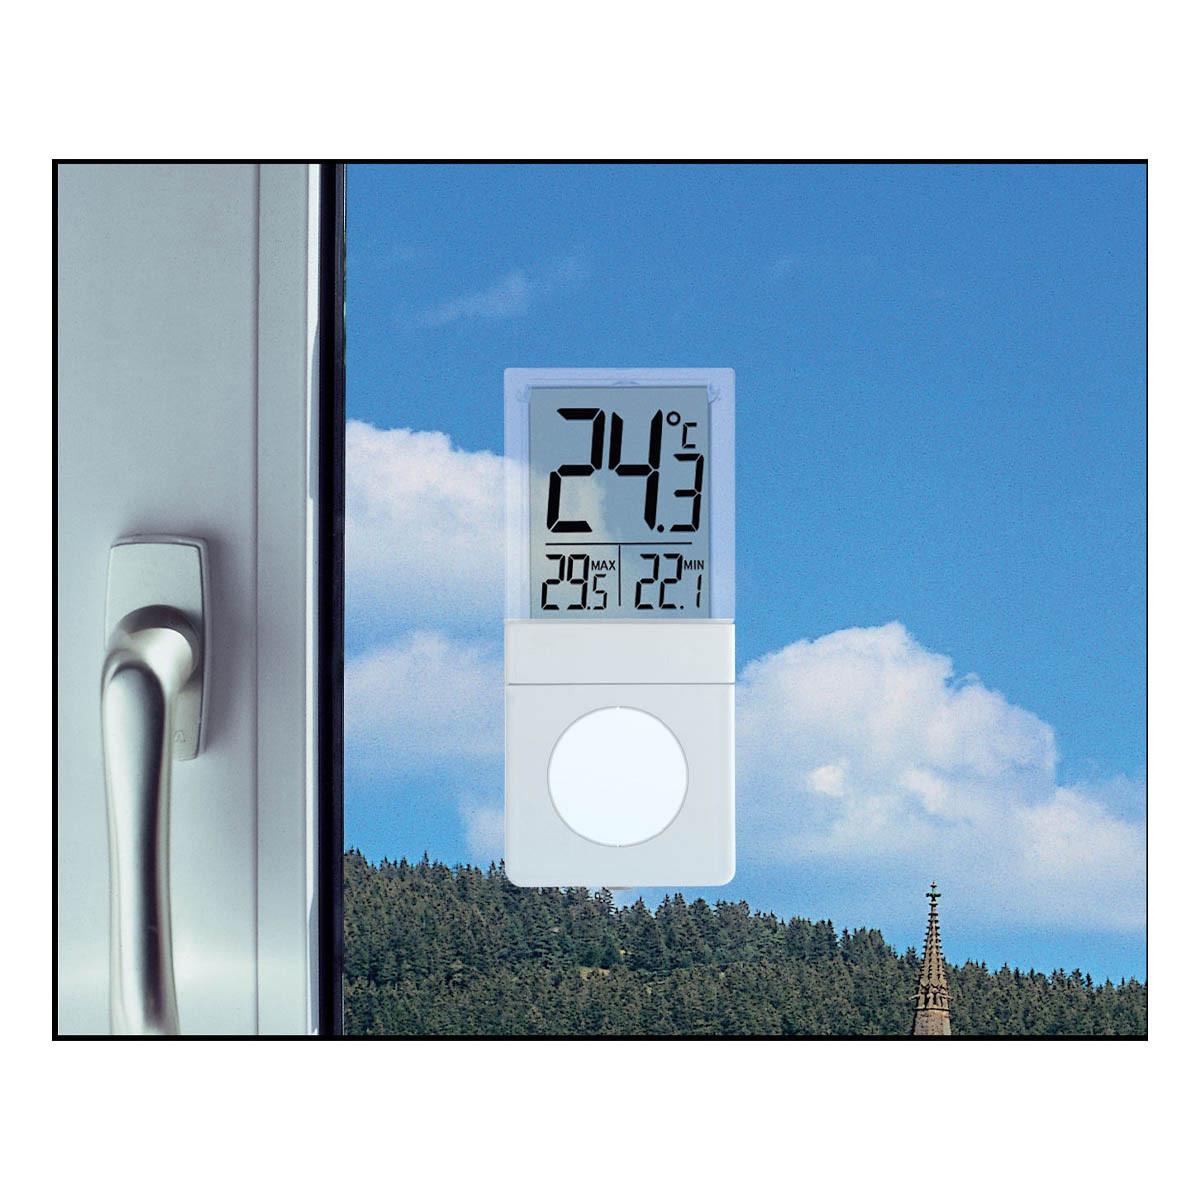 30-1030-digitales-fenster-innenthermometer-vista-anwendung1-1200x1200px.jpg